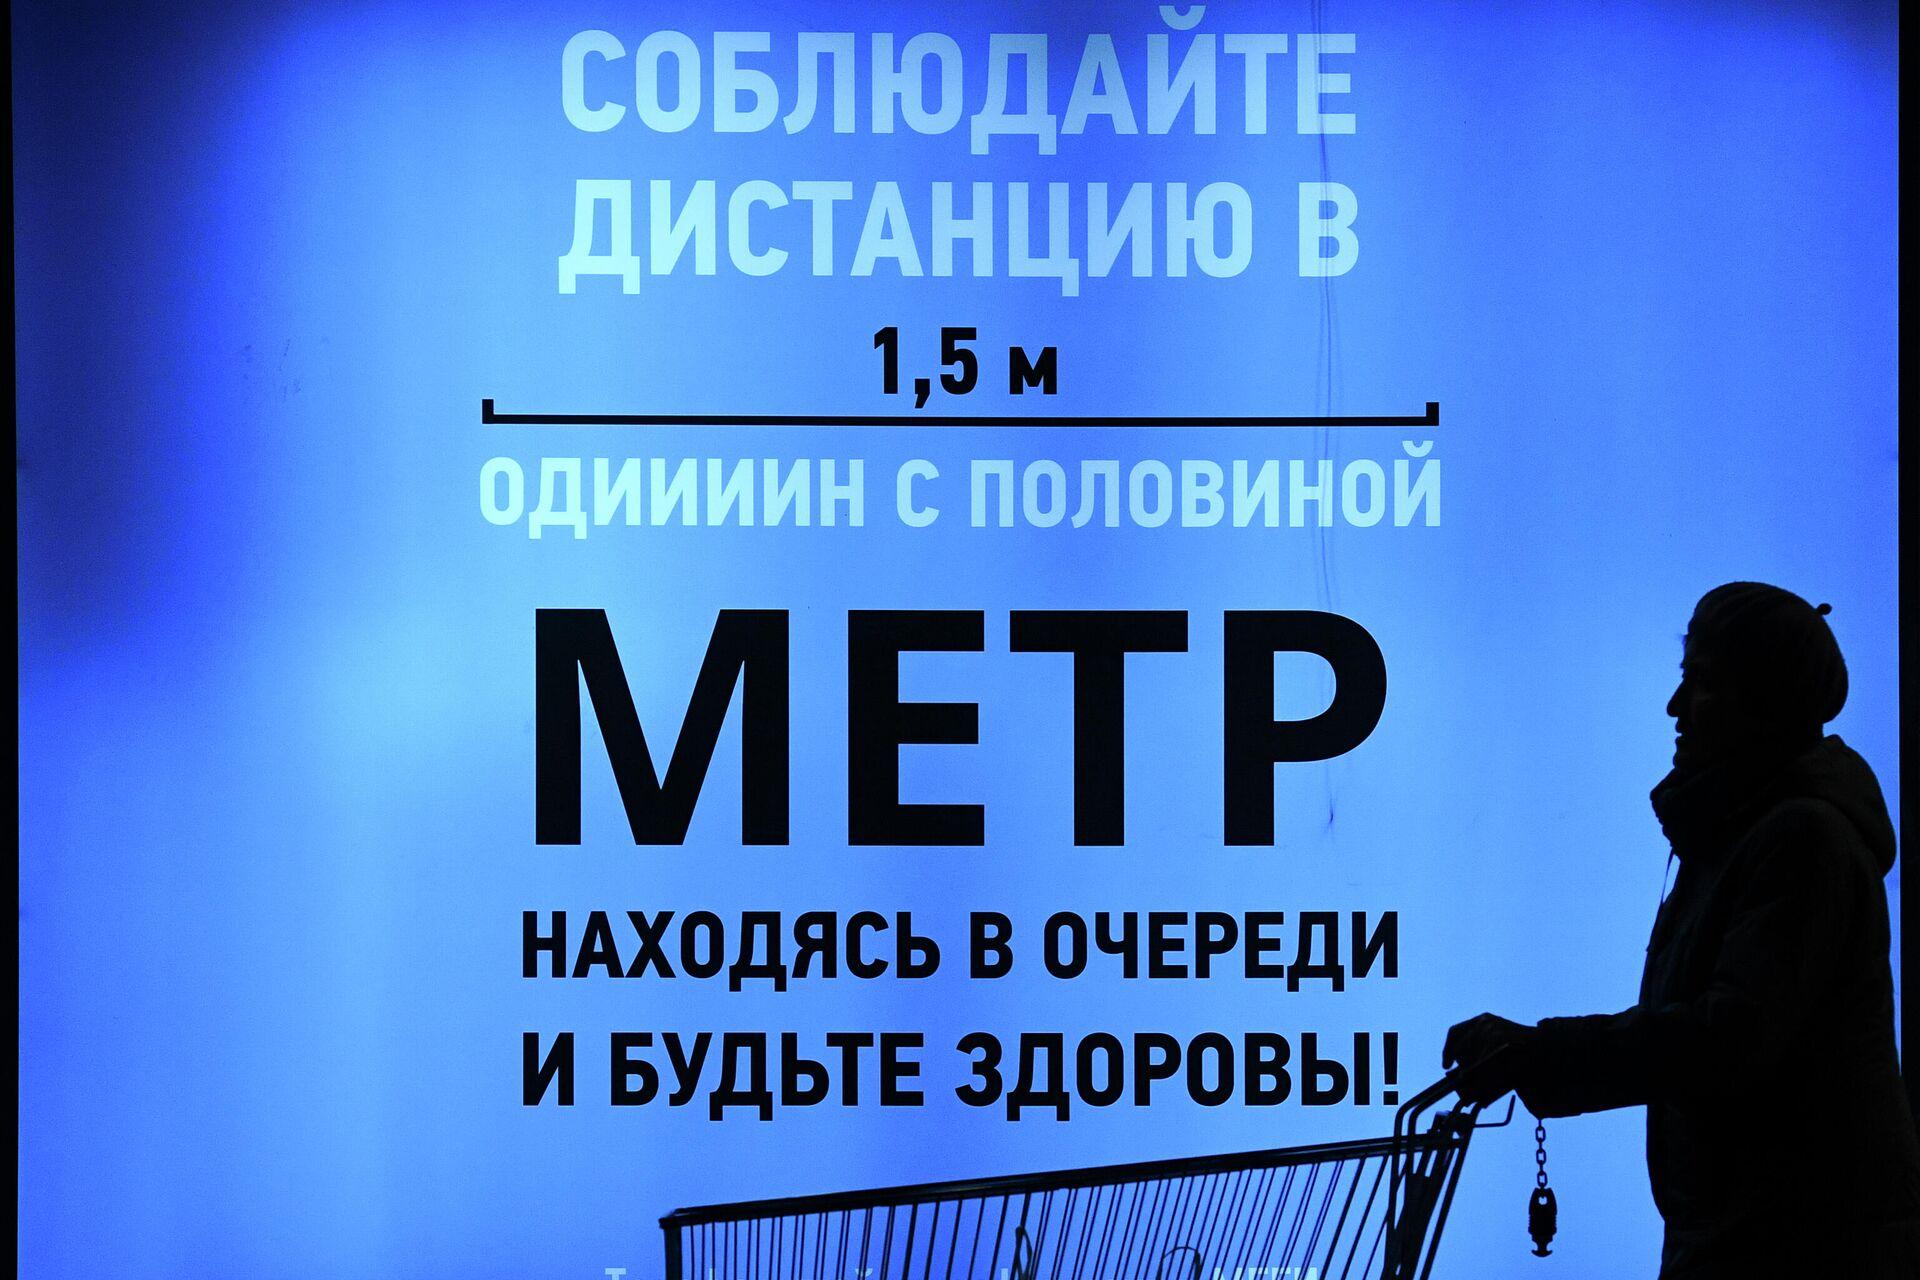 Напоминание о социальной дистанции - РИА Новости, 1920, 12.02.2021